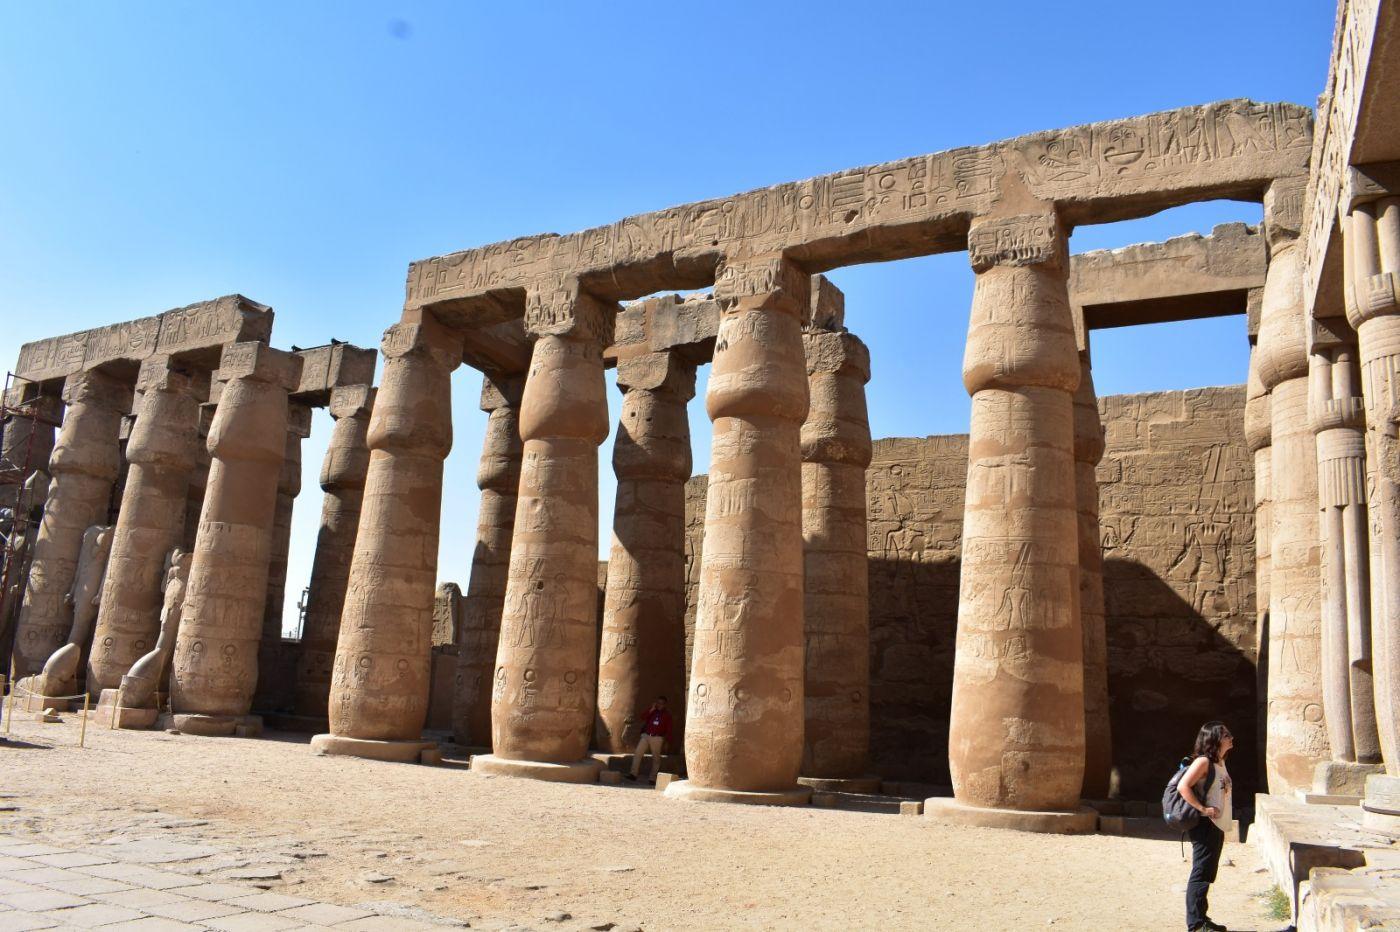 埃德富神庙和卢克索神庙_图1-25